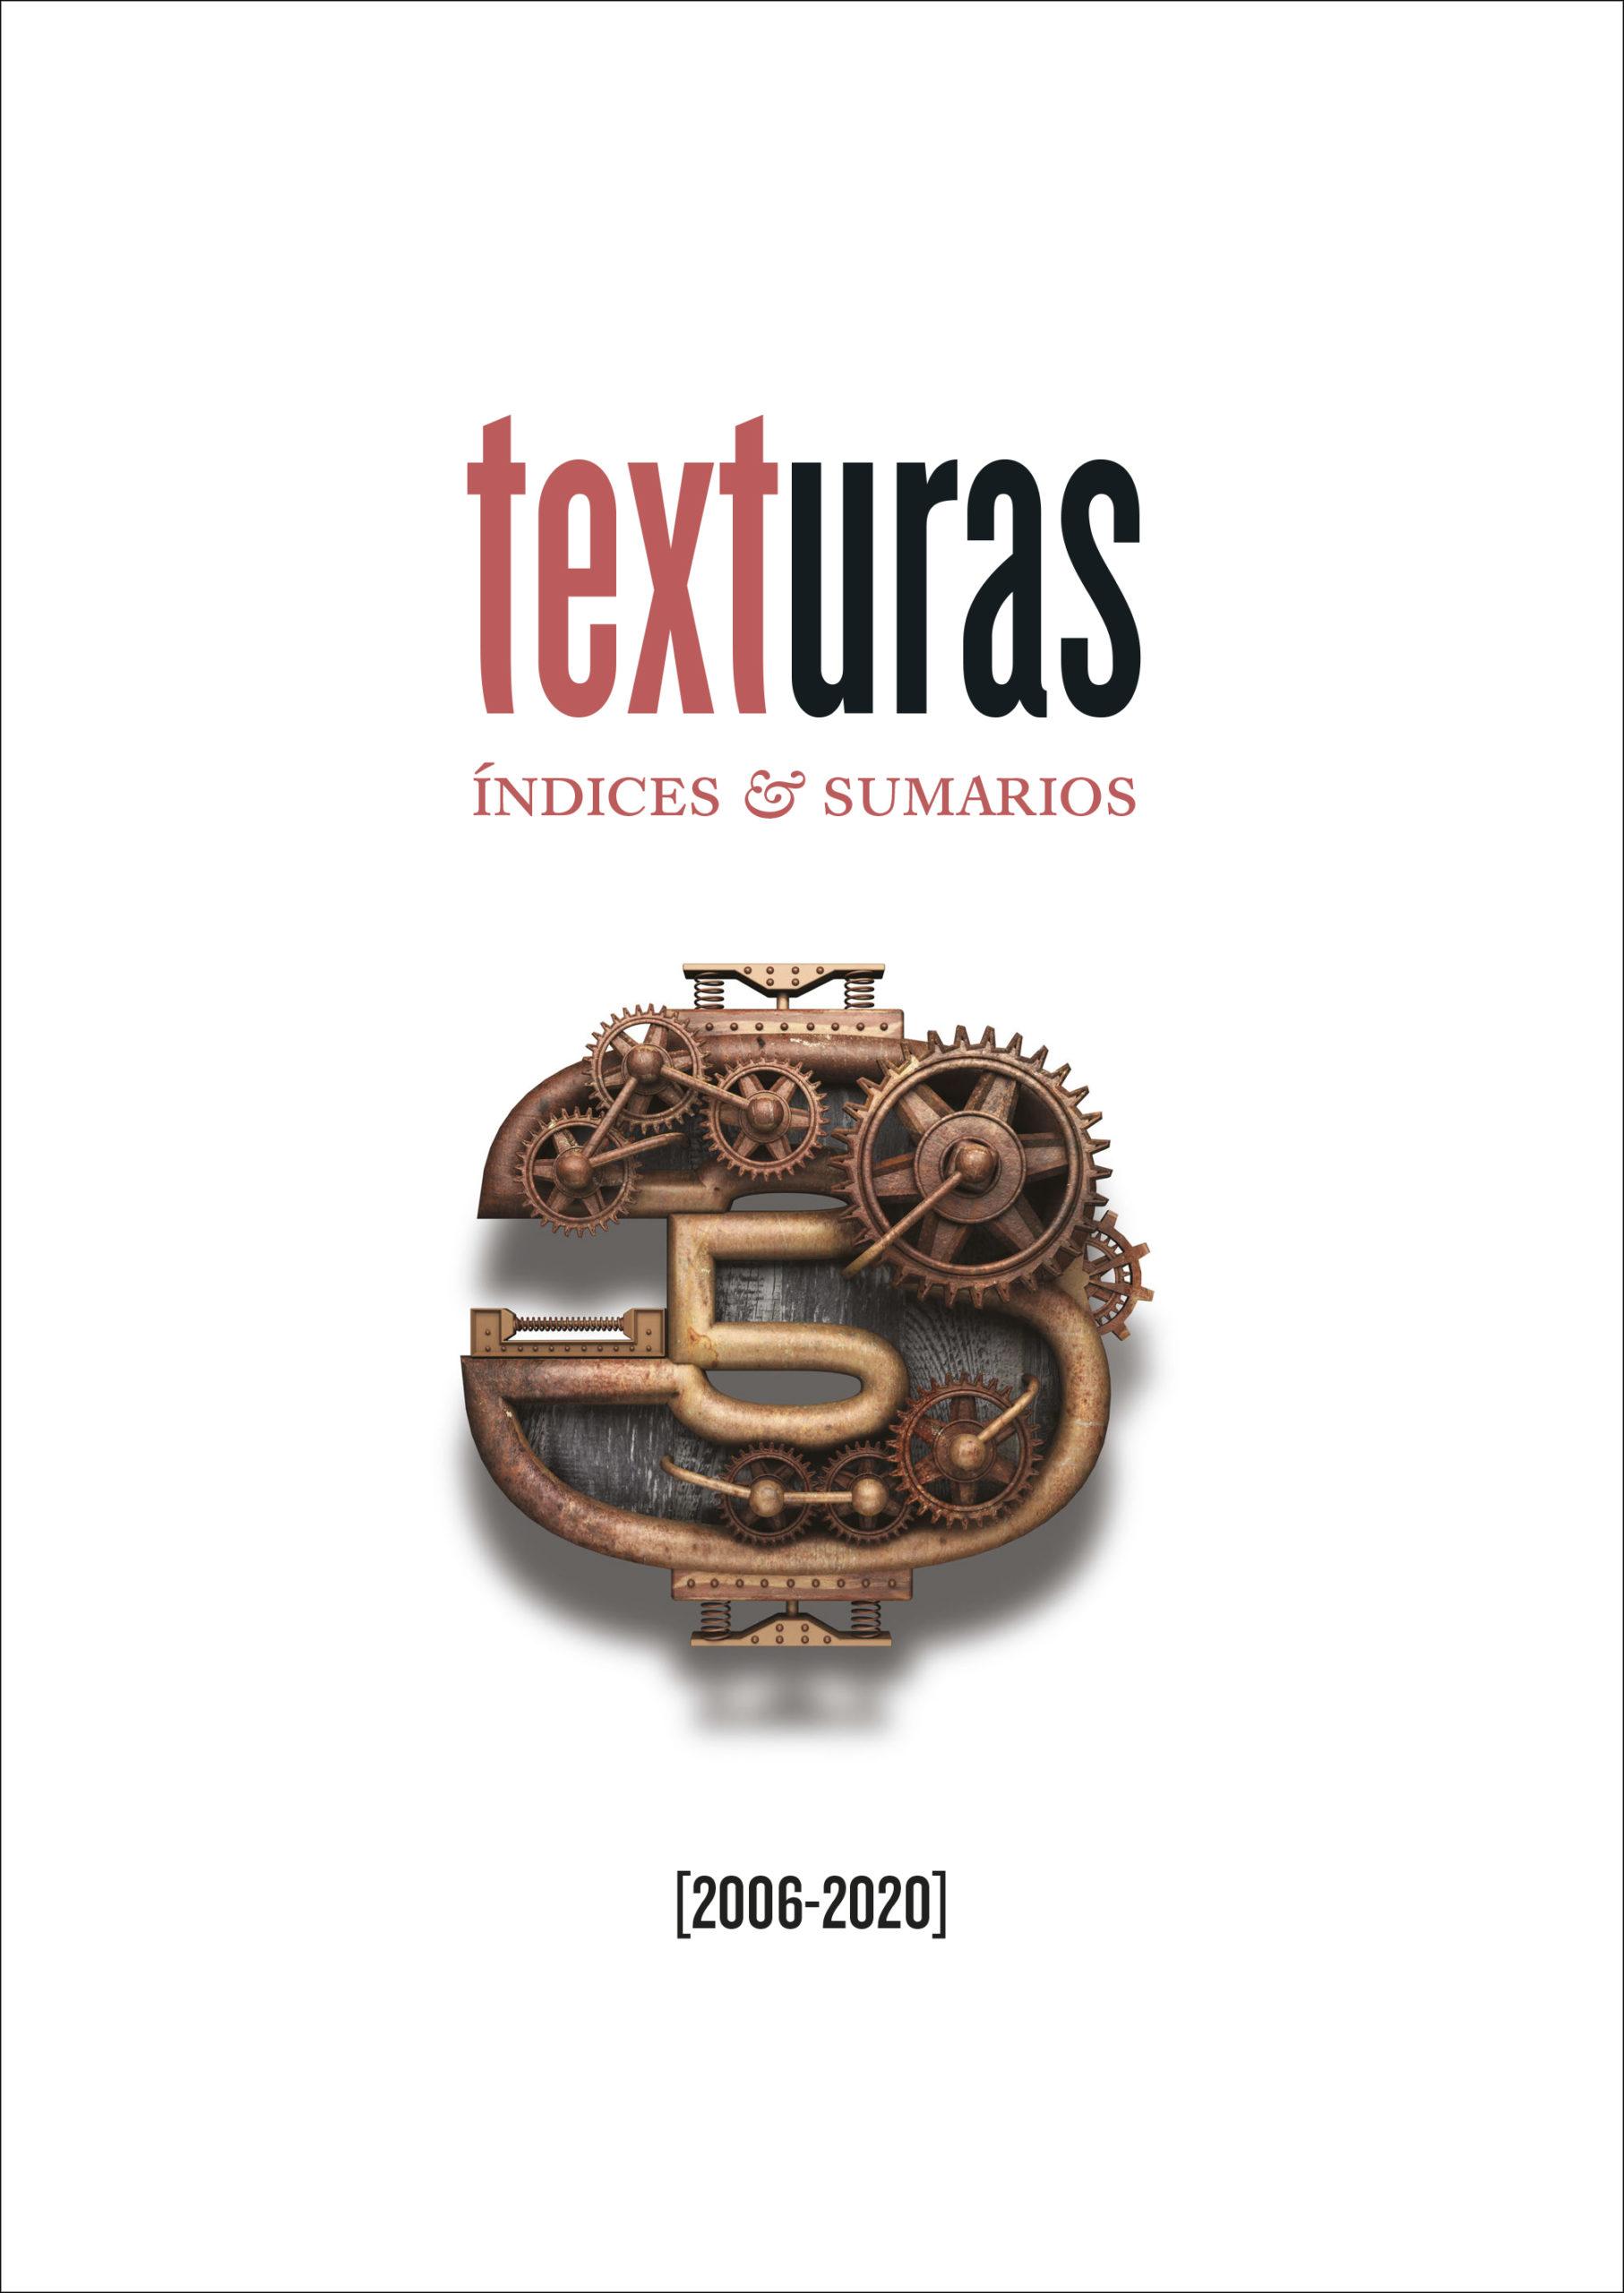 Índices Texturas